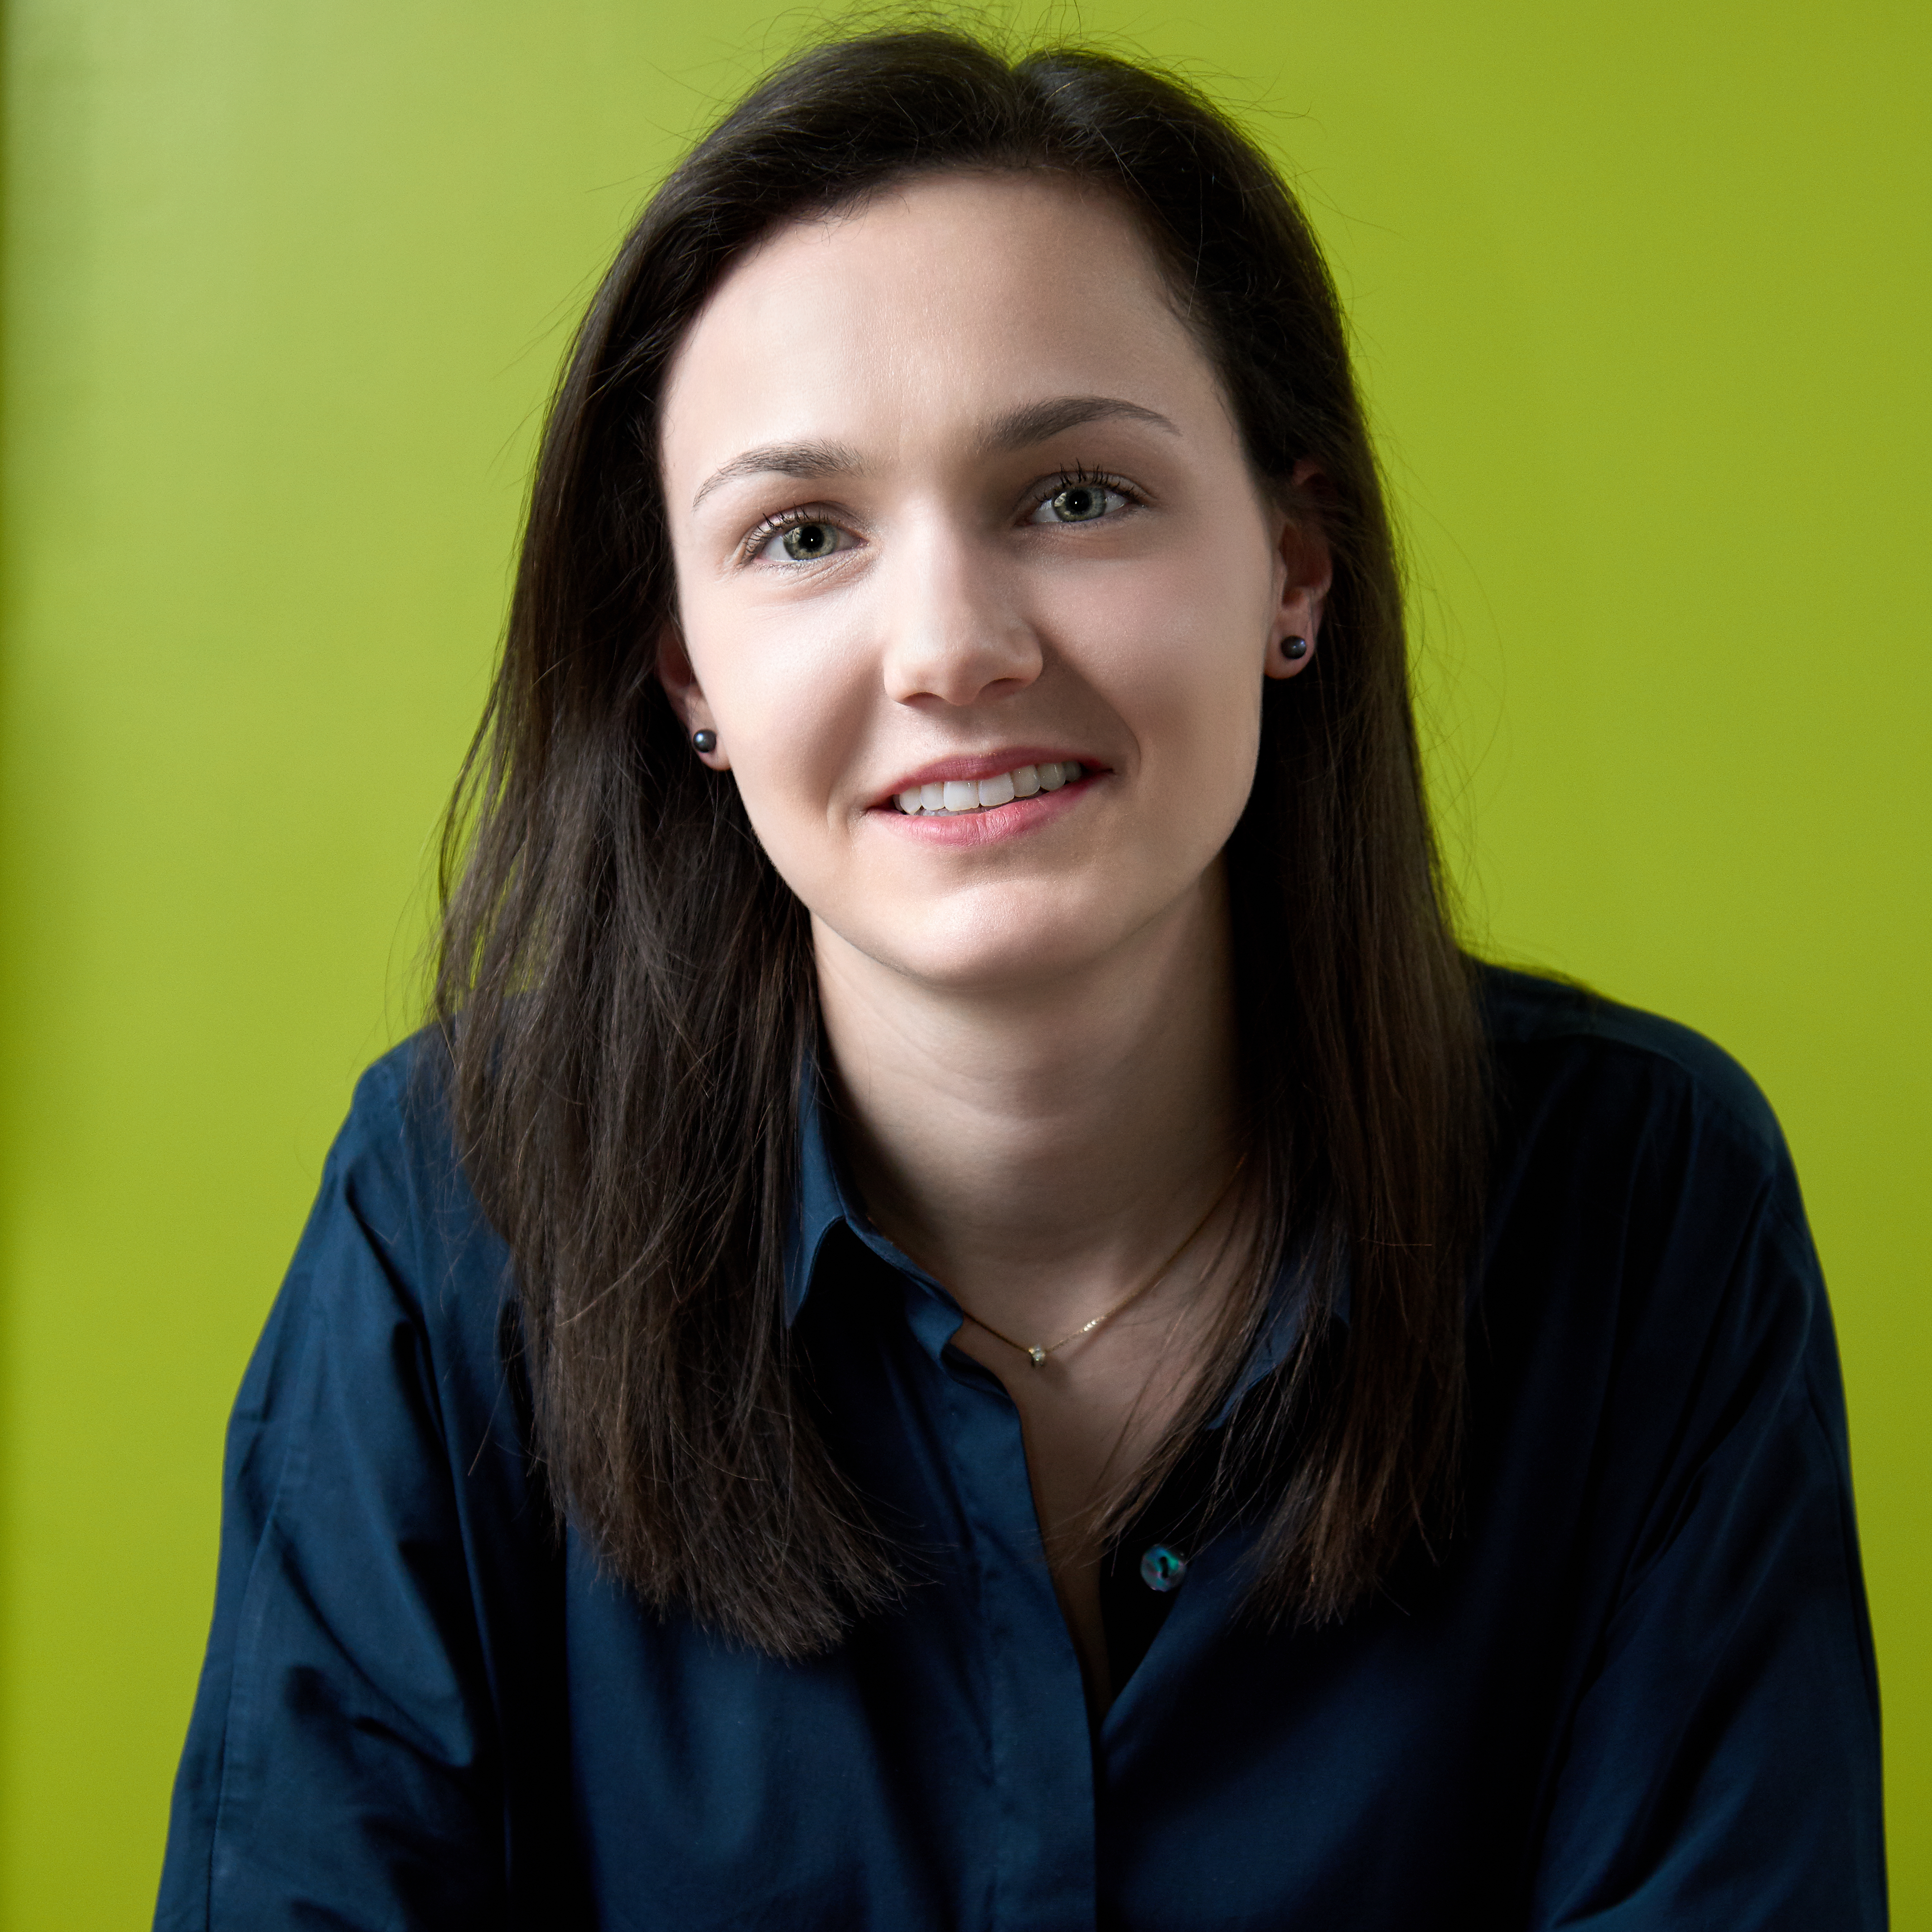 Sylwia Padiasek